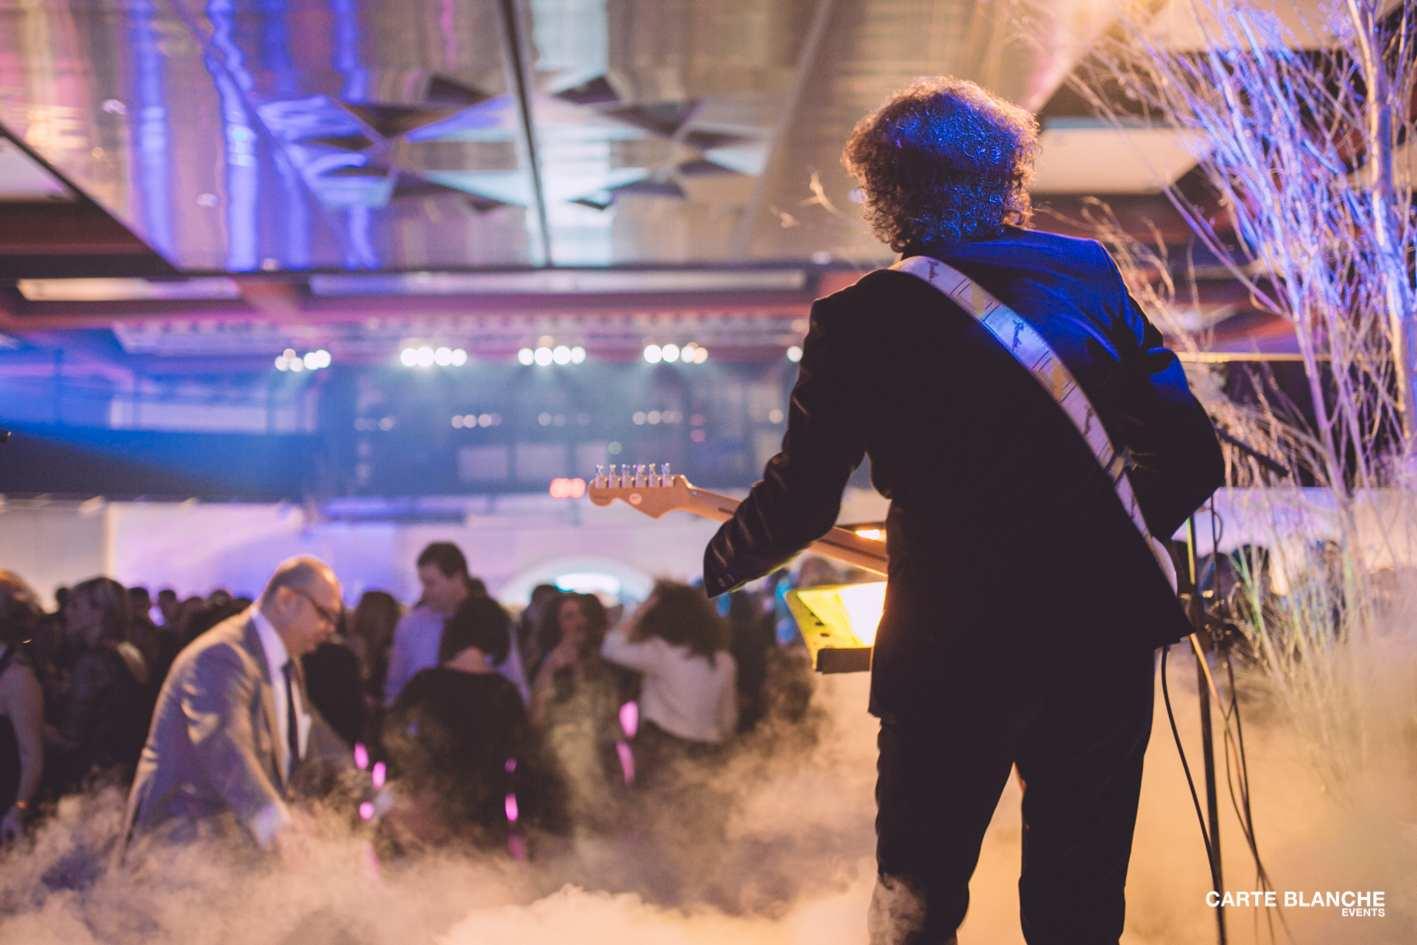 xmas-party-ferrero-2013-musique-carte-blanche-events